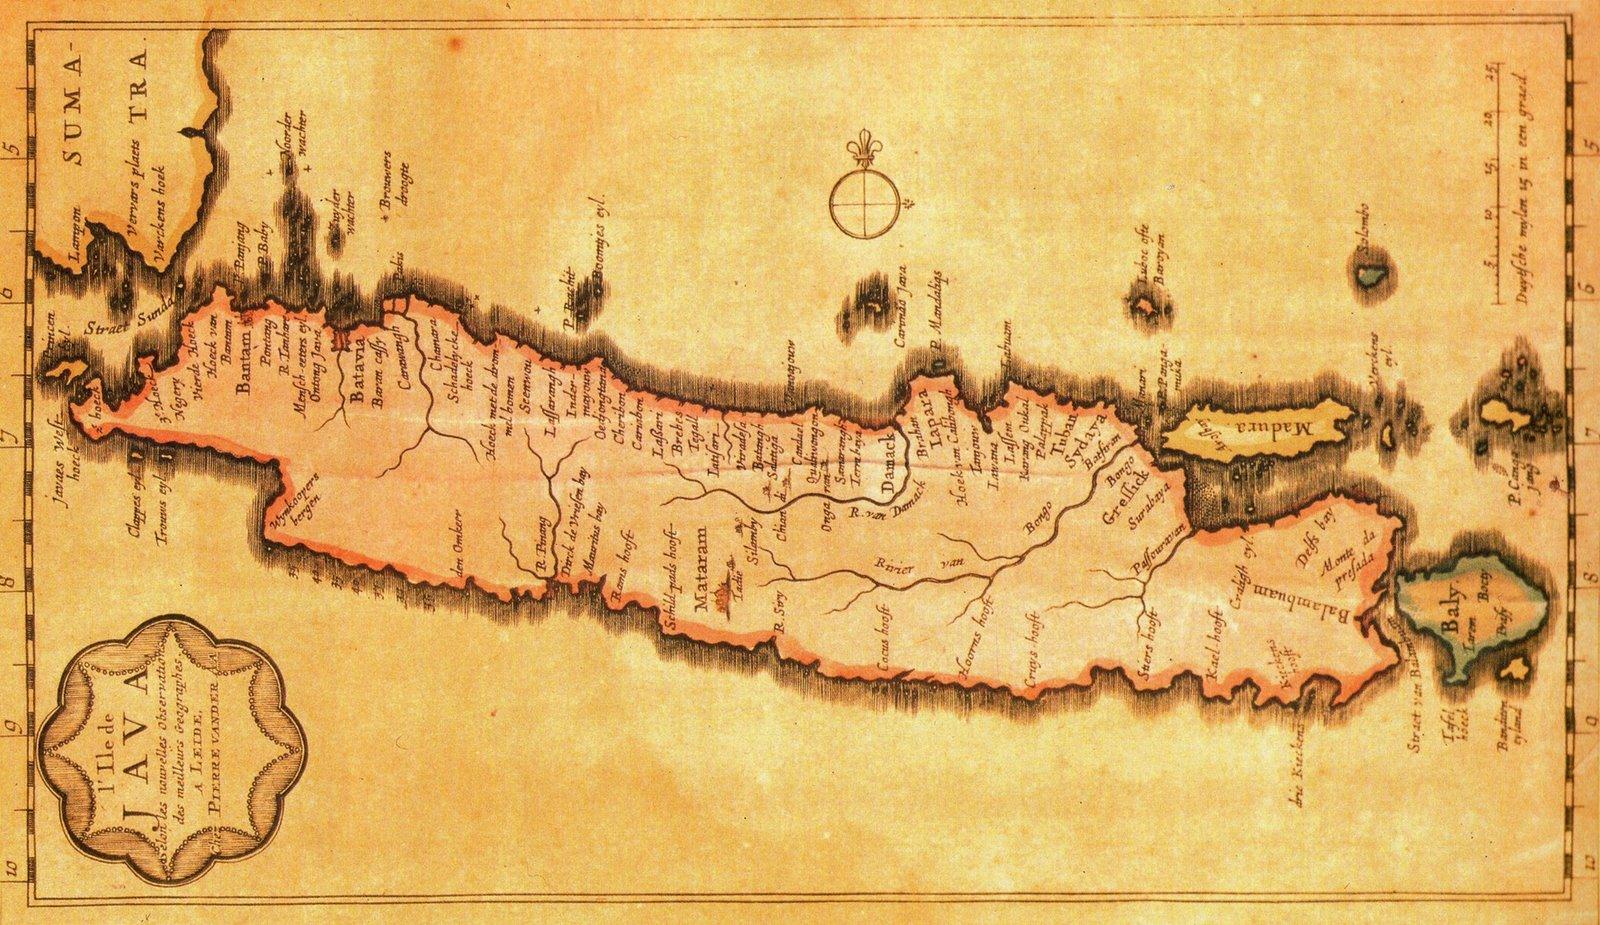 Di dalam Mitologi Jawa diceritakan bahwa salah satu leluhur Bangsa